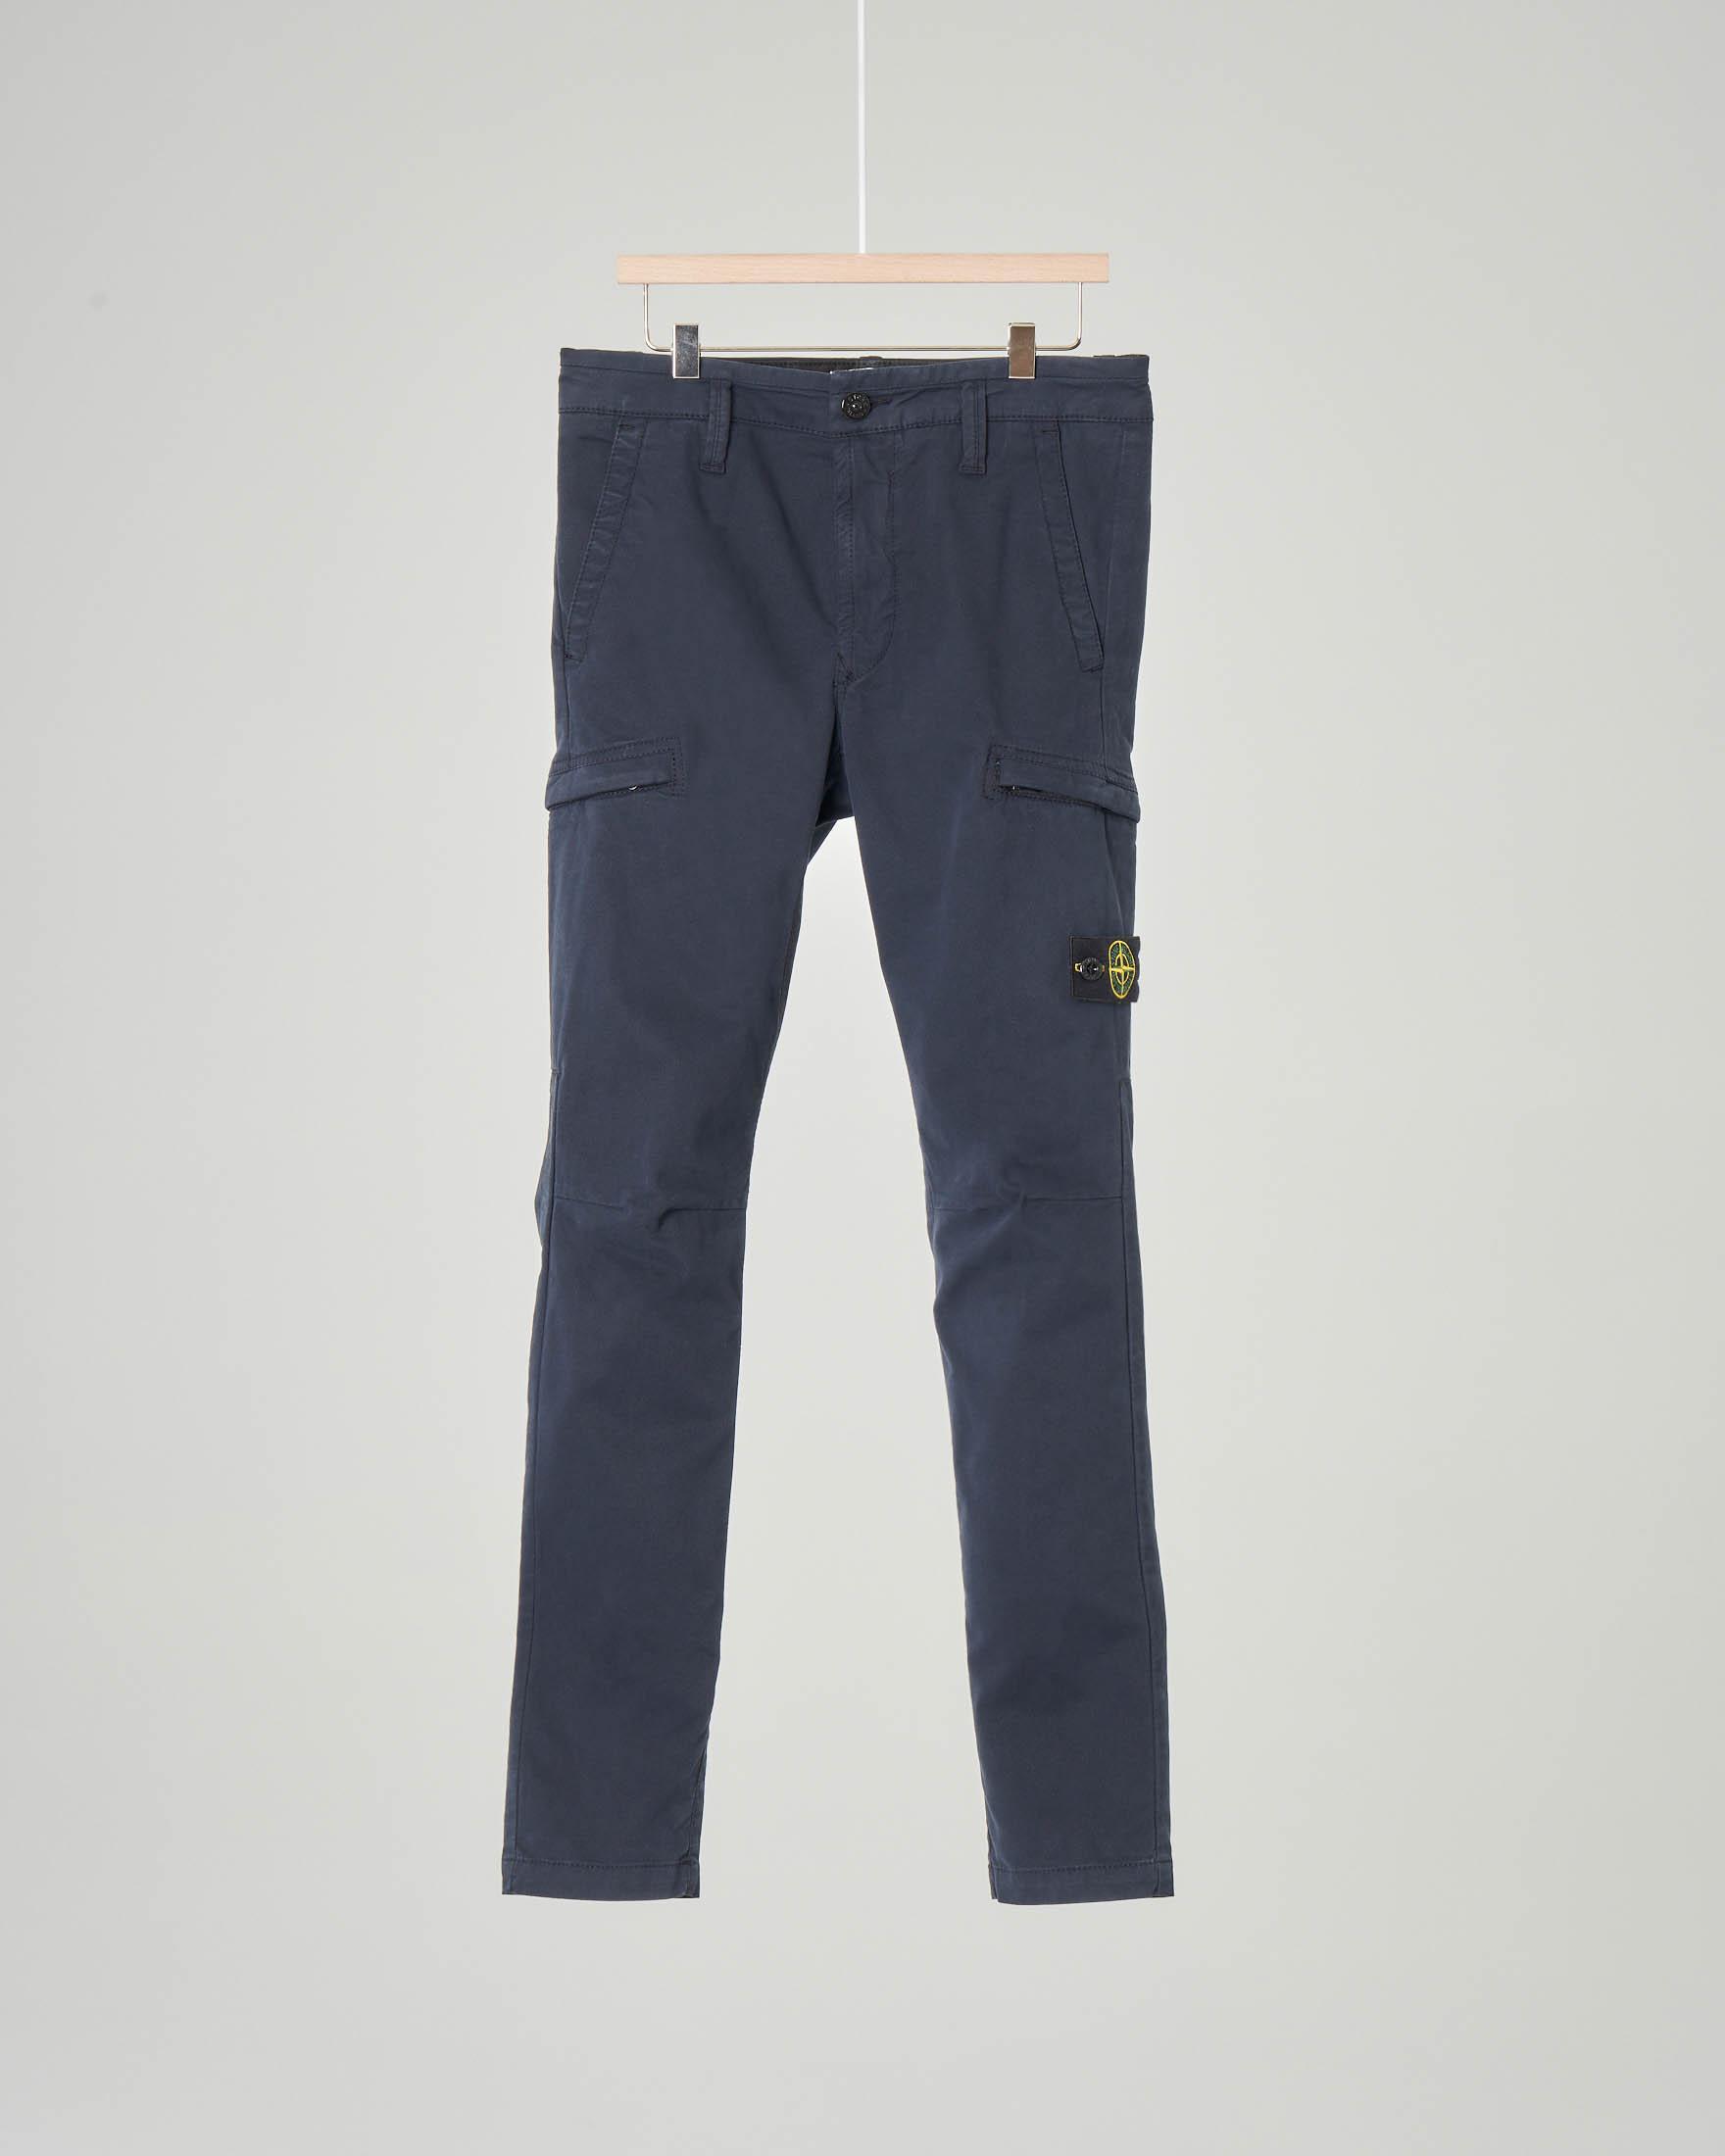 Pantalone blu cargo in cotone stretch 8 anni